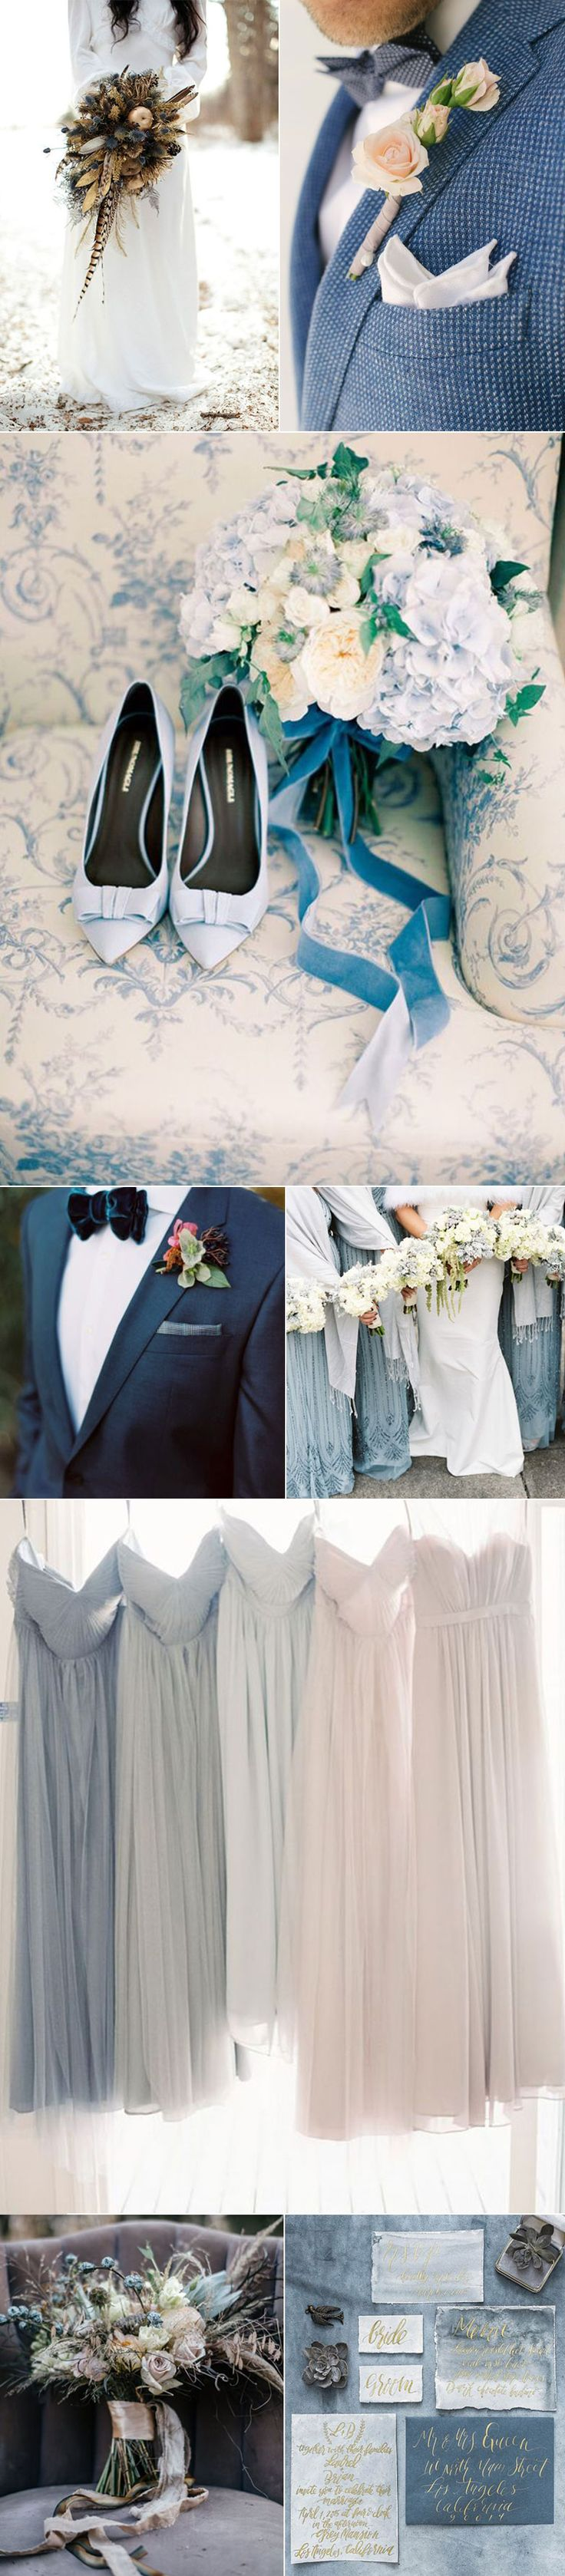 Wedding Ideas In Slate Blues |  Muted Blue Winter Weddings